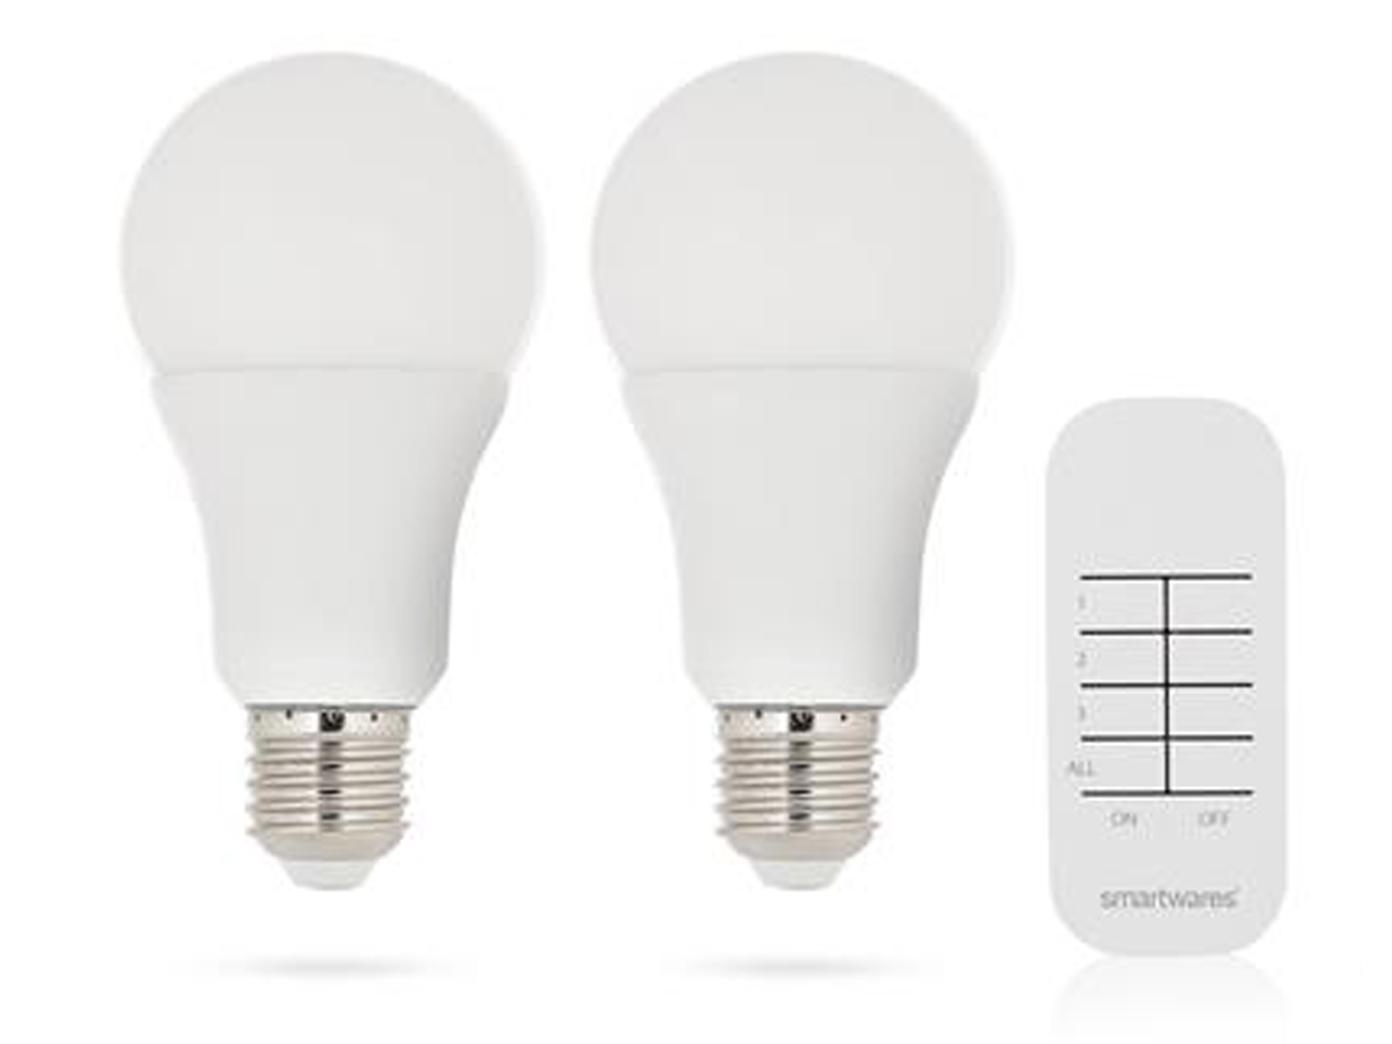 dimmbare e27 led leuchtmittel mit fernbedienung gl 252 hbirnen beleuchtung wohnraum kaufen bei